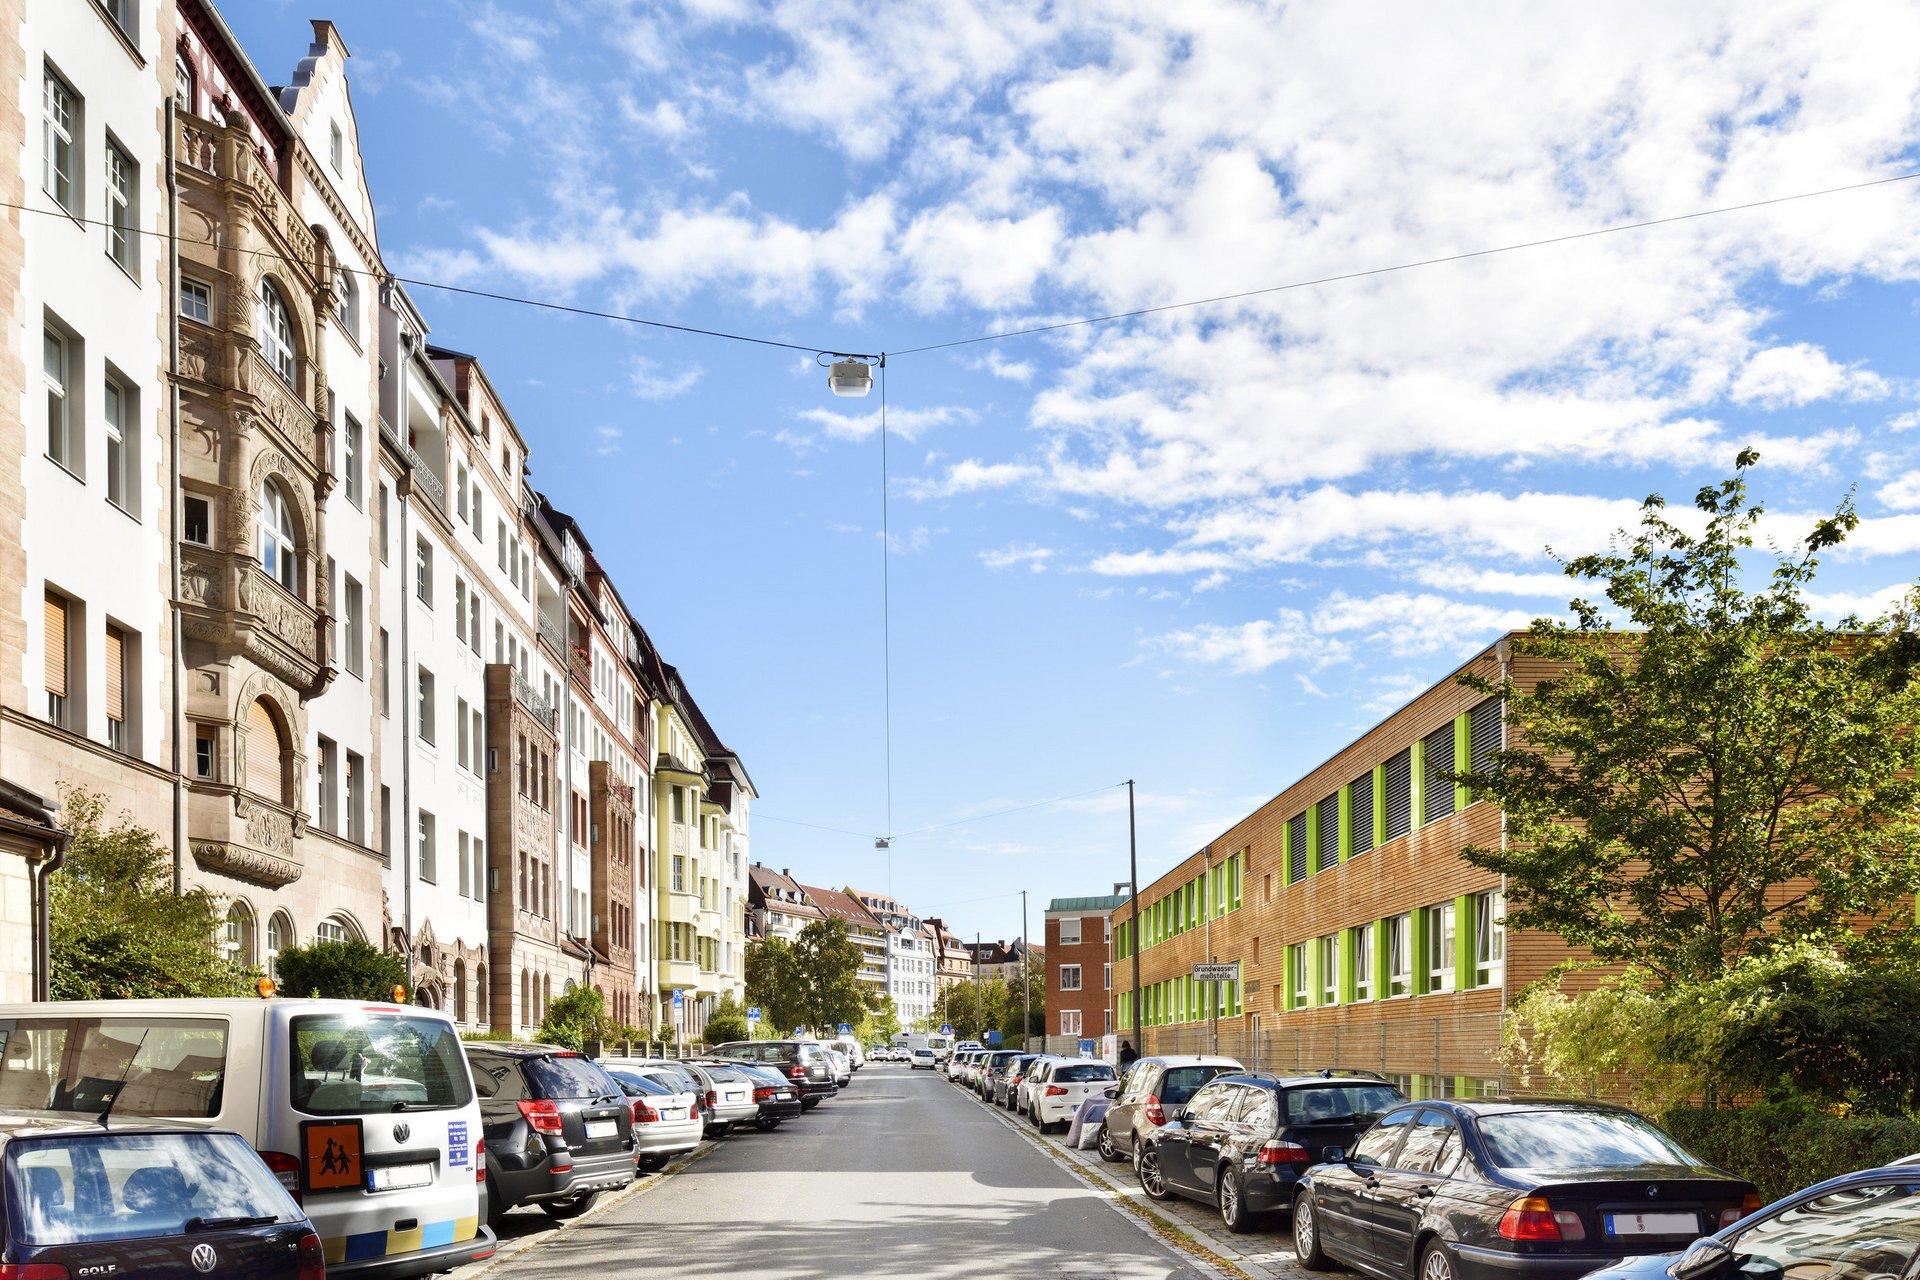 3-geschossiges Schulgebäude mitten in Wohngebiet